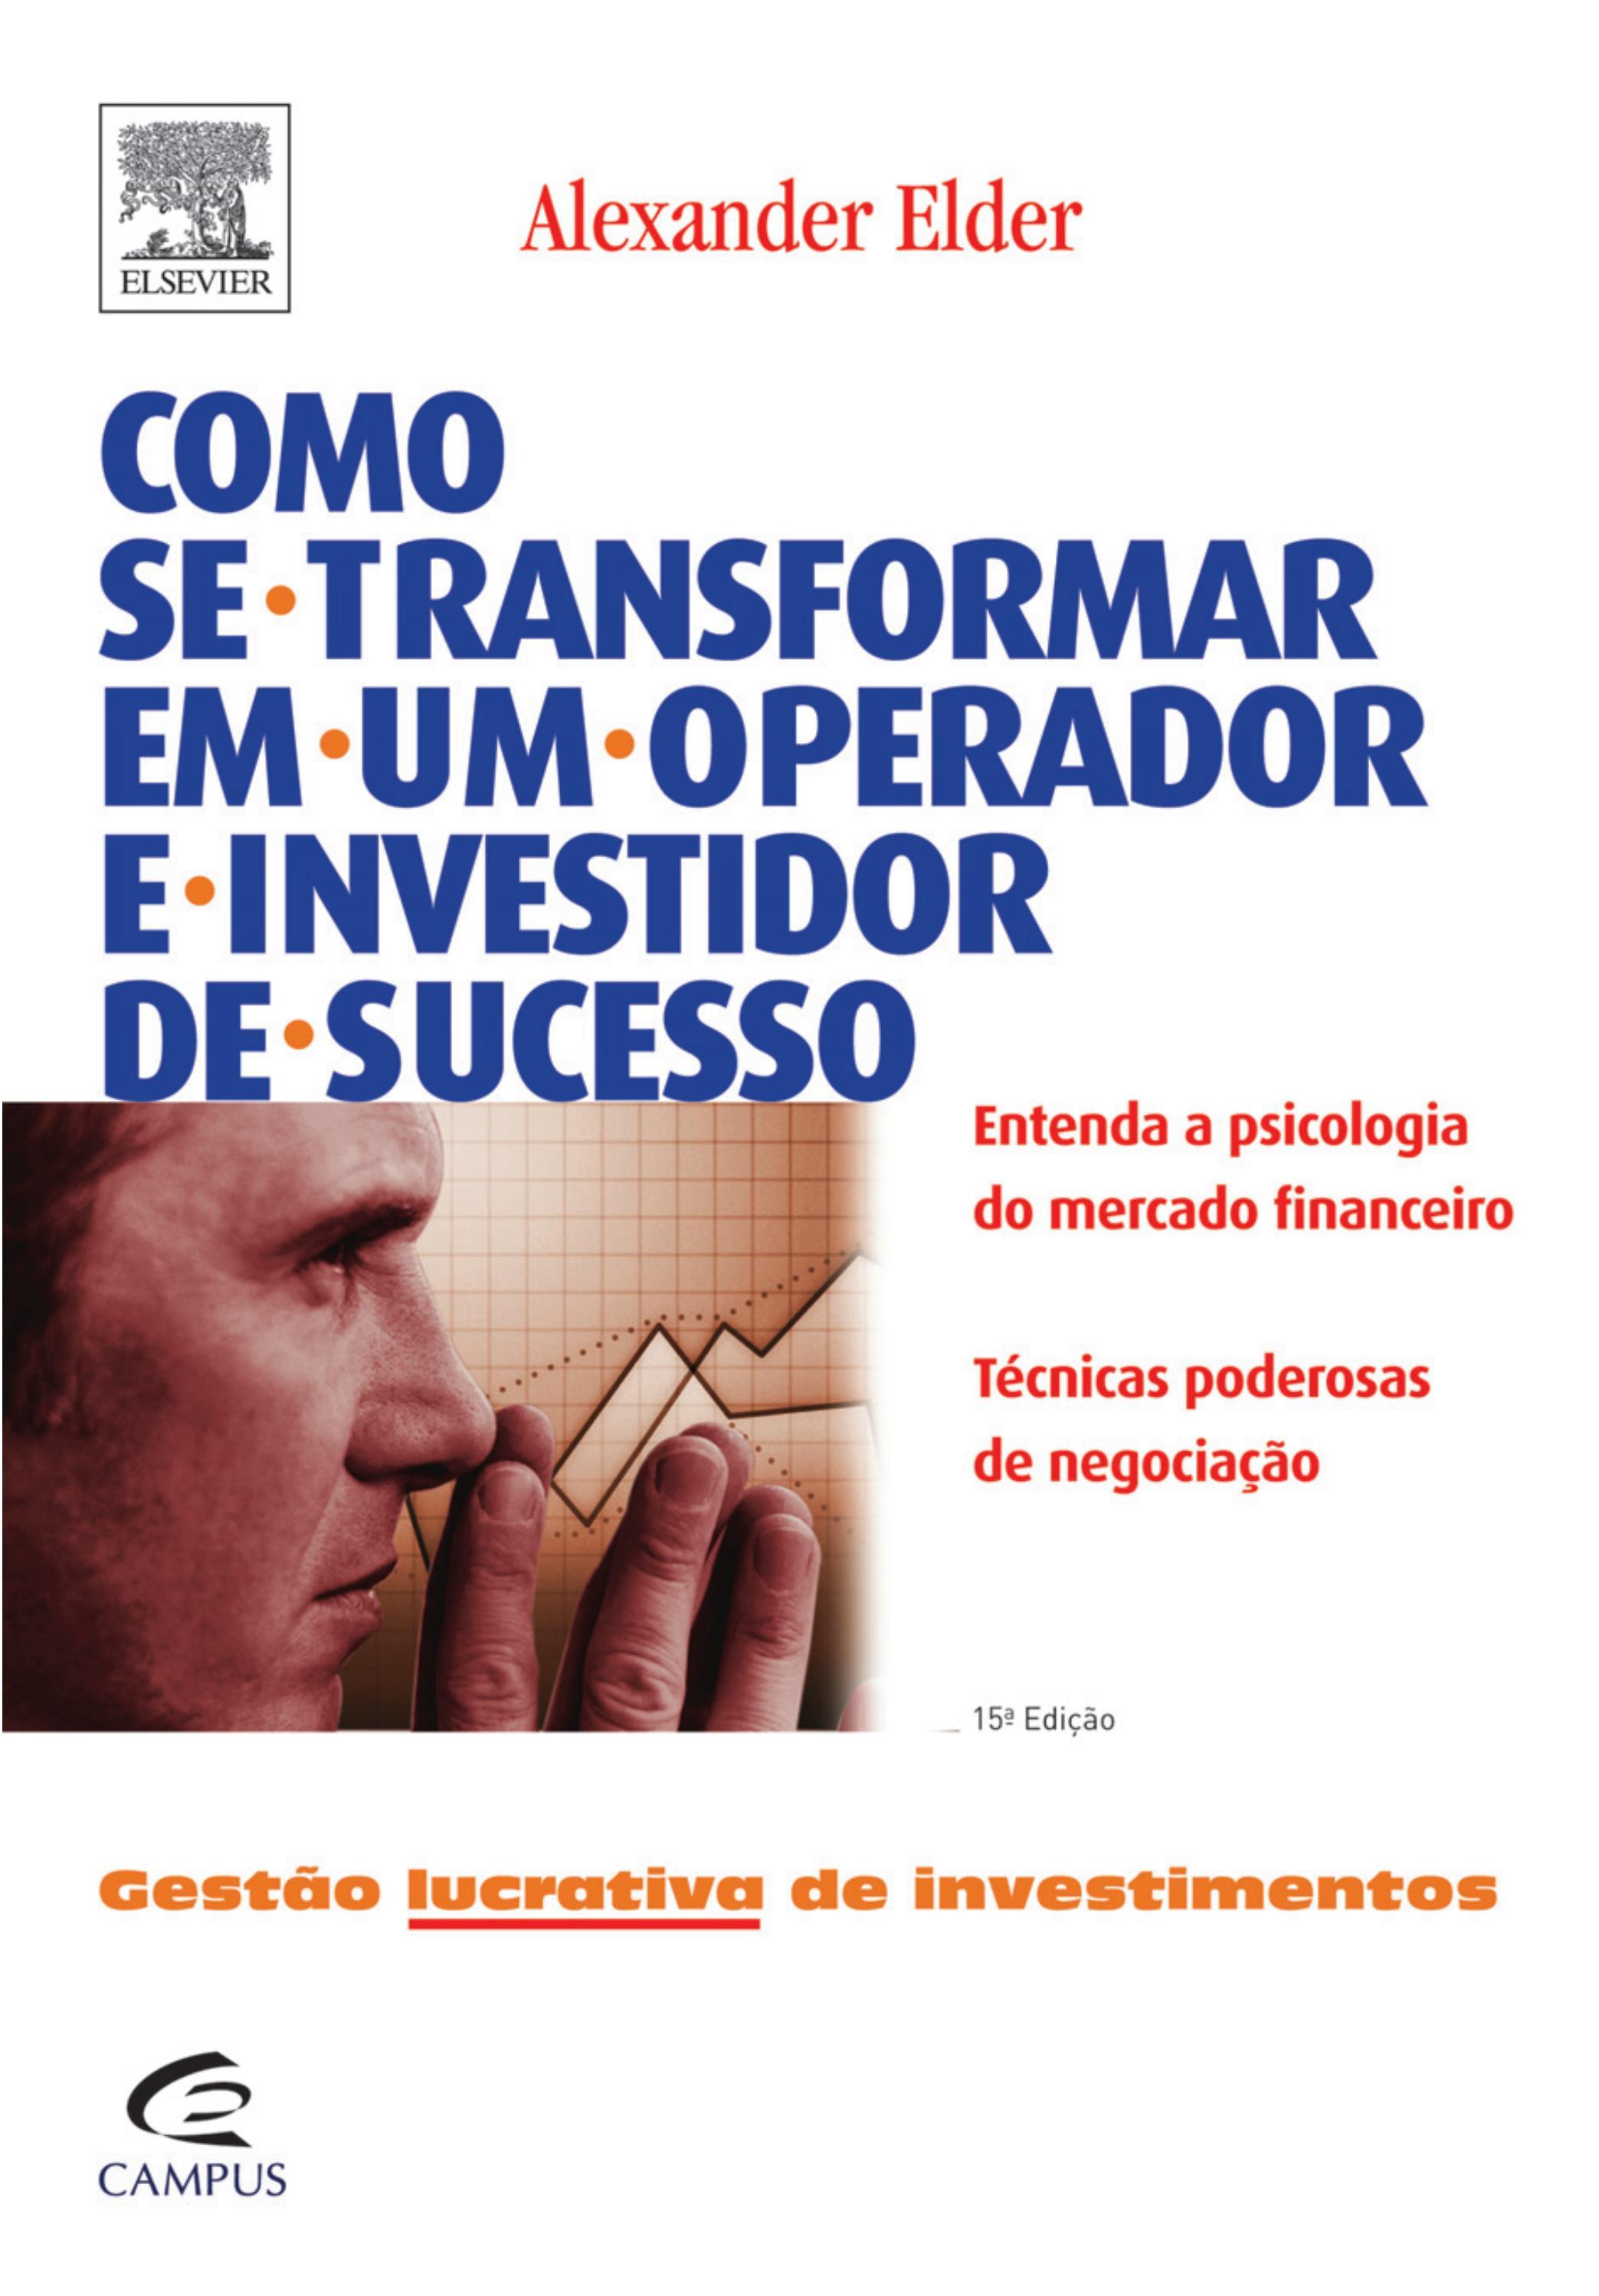 2e49c4903e3 Como se transformar em um operador e investidor de sucesso alexander elder  by Antonio Andrade - issuu